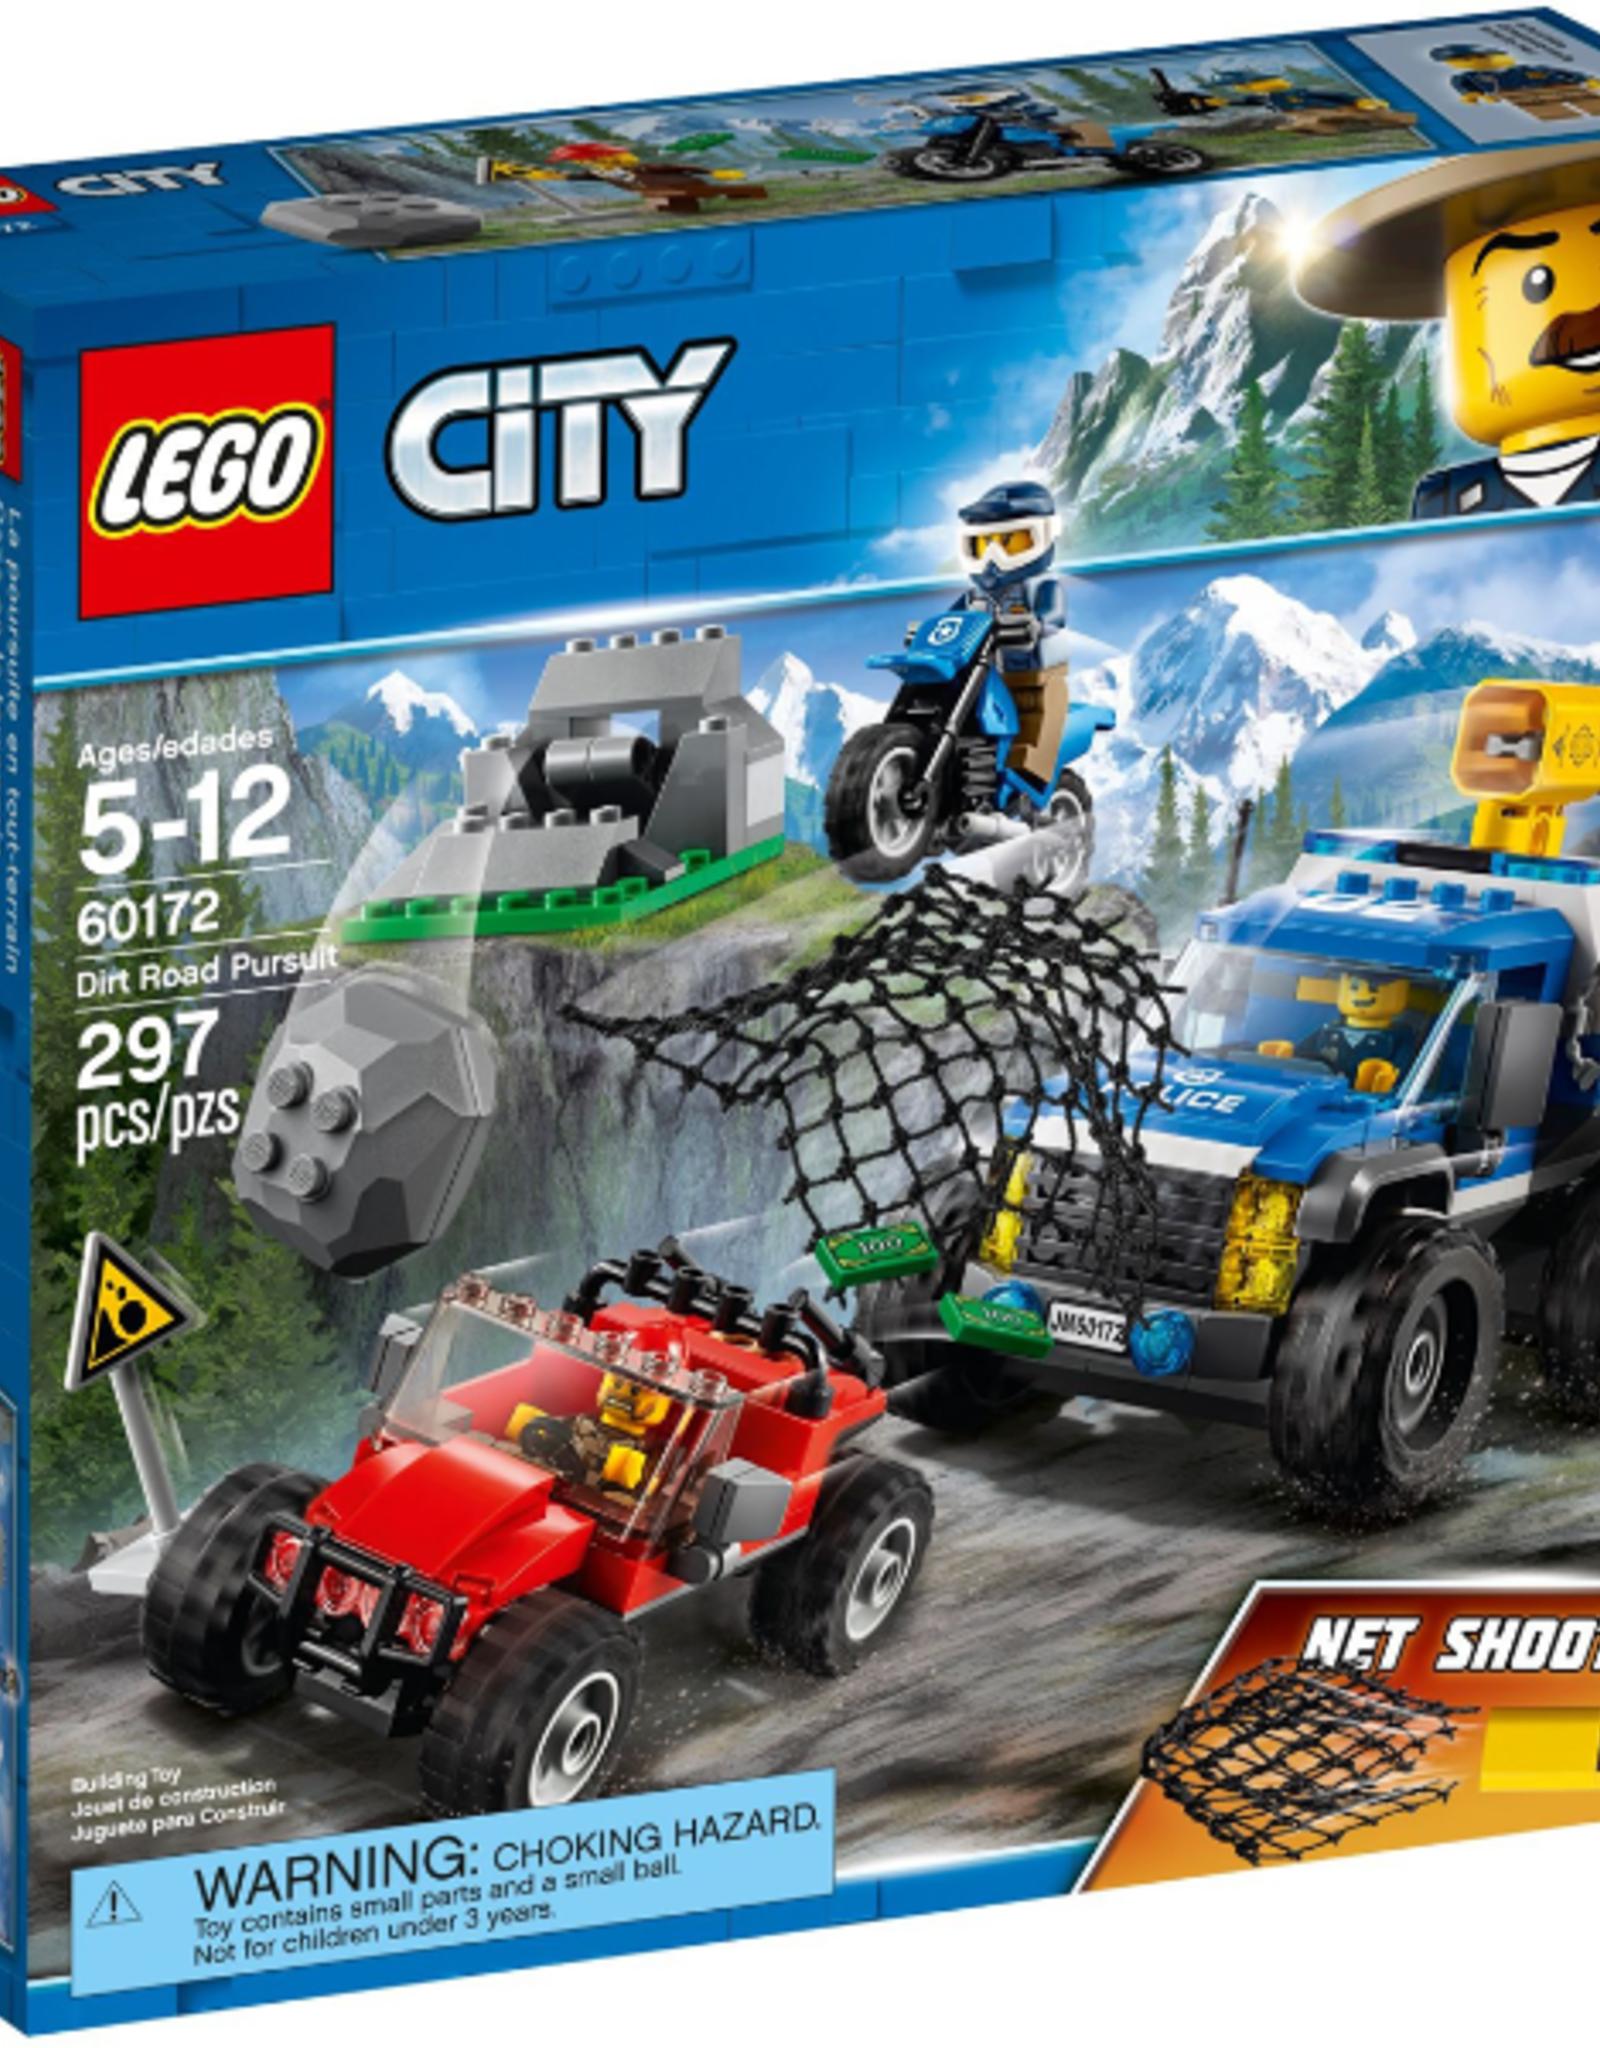 LEGO LEGO 60172 Dirt Road Pursuit CITY